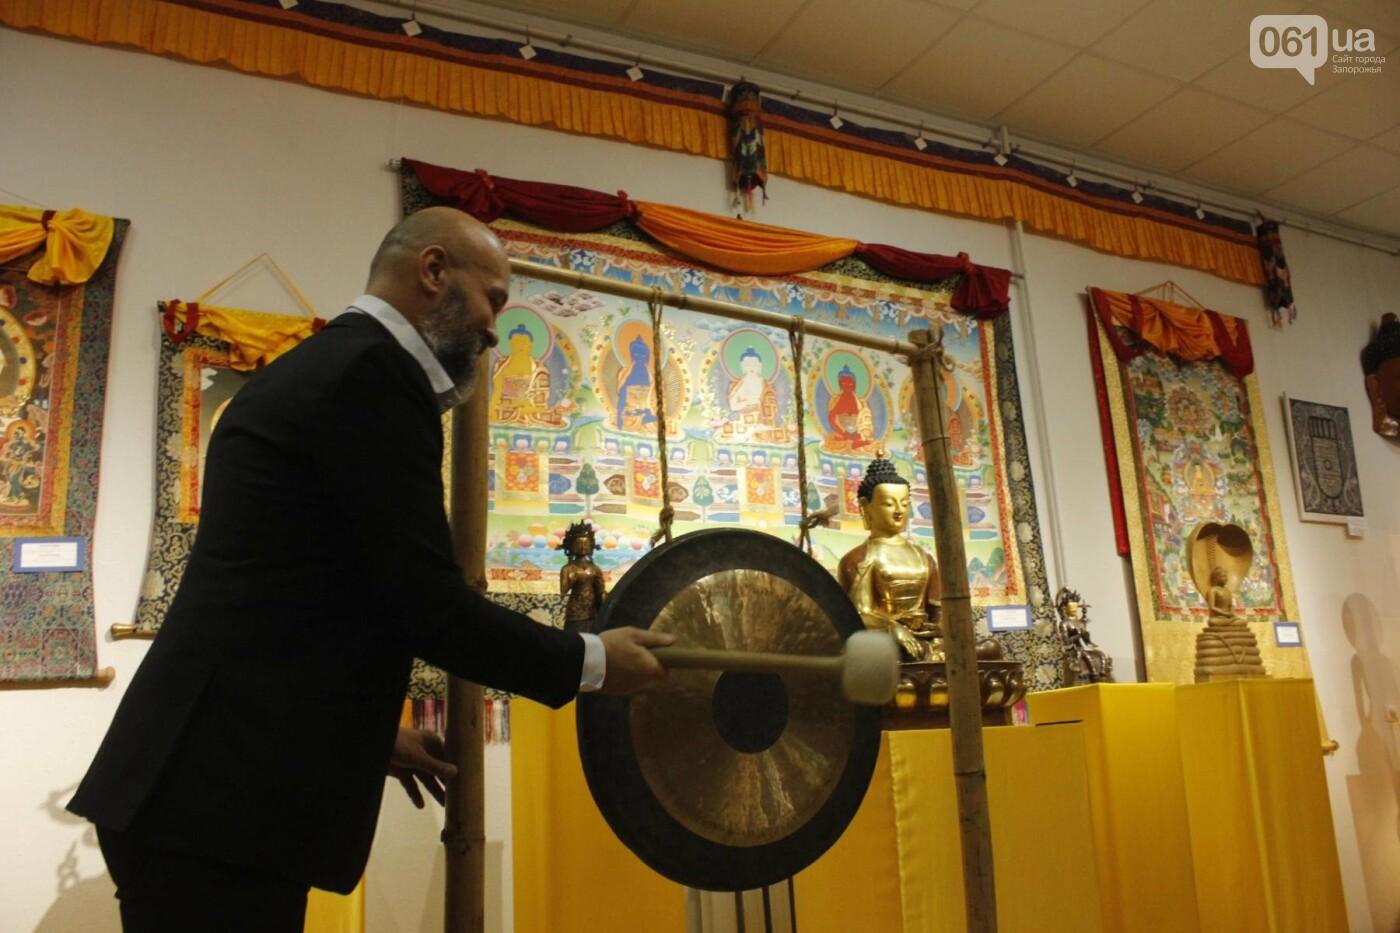 """В Запорожье выставка """"Сокровища Тибета"""" открыла Дни буддийской культуры, - ФОТОРЕПОРТАЖ, фото-19"""